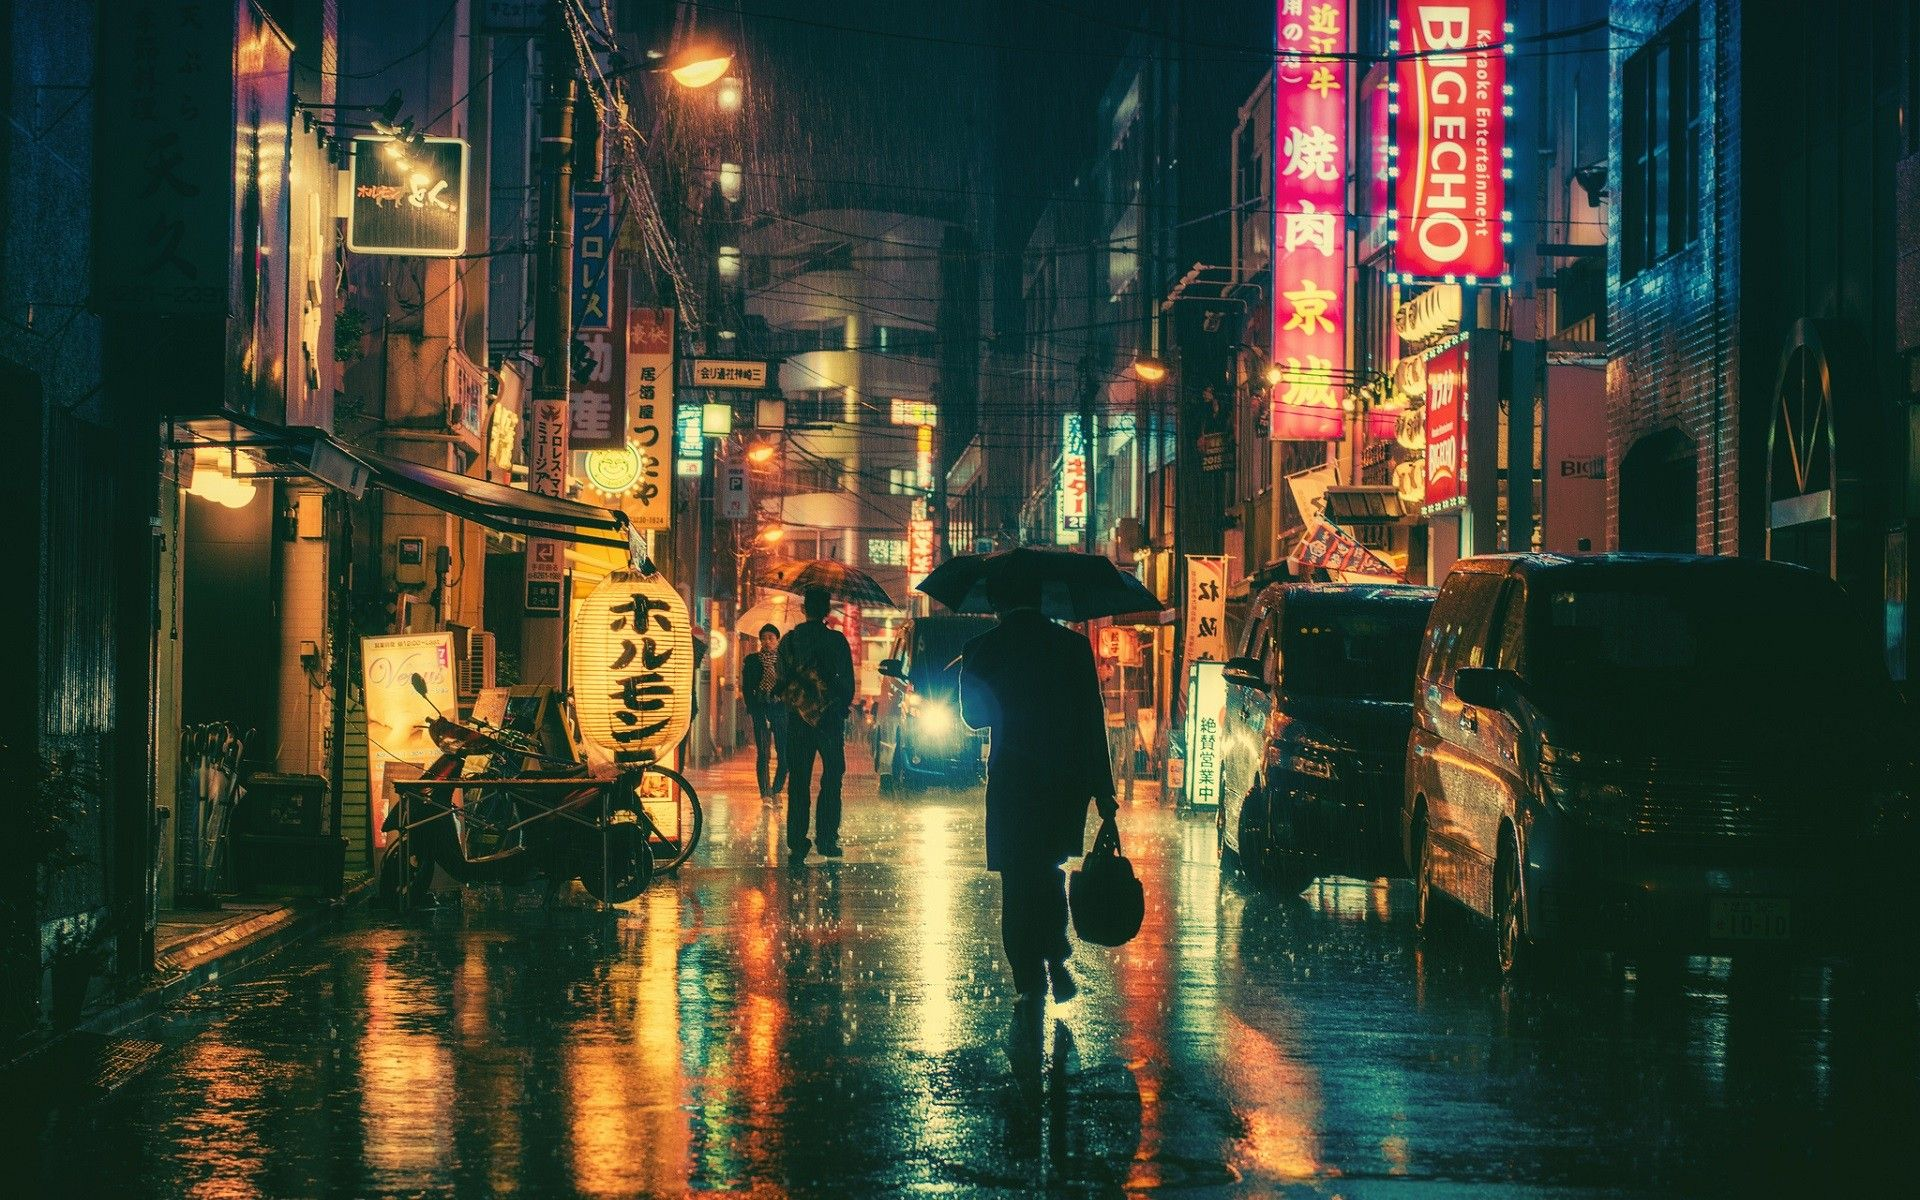 夜に燈ともし——A Japanese Poem